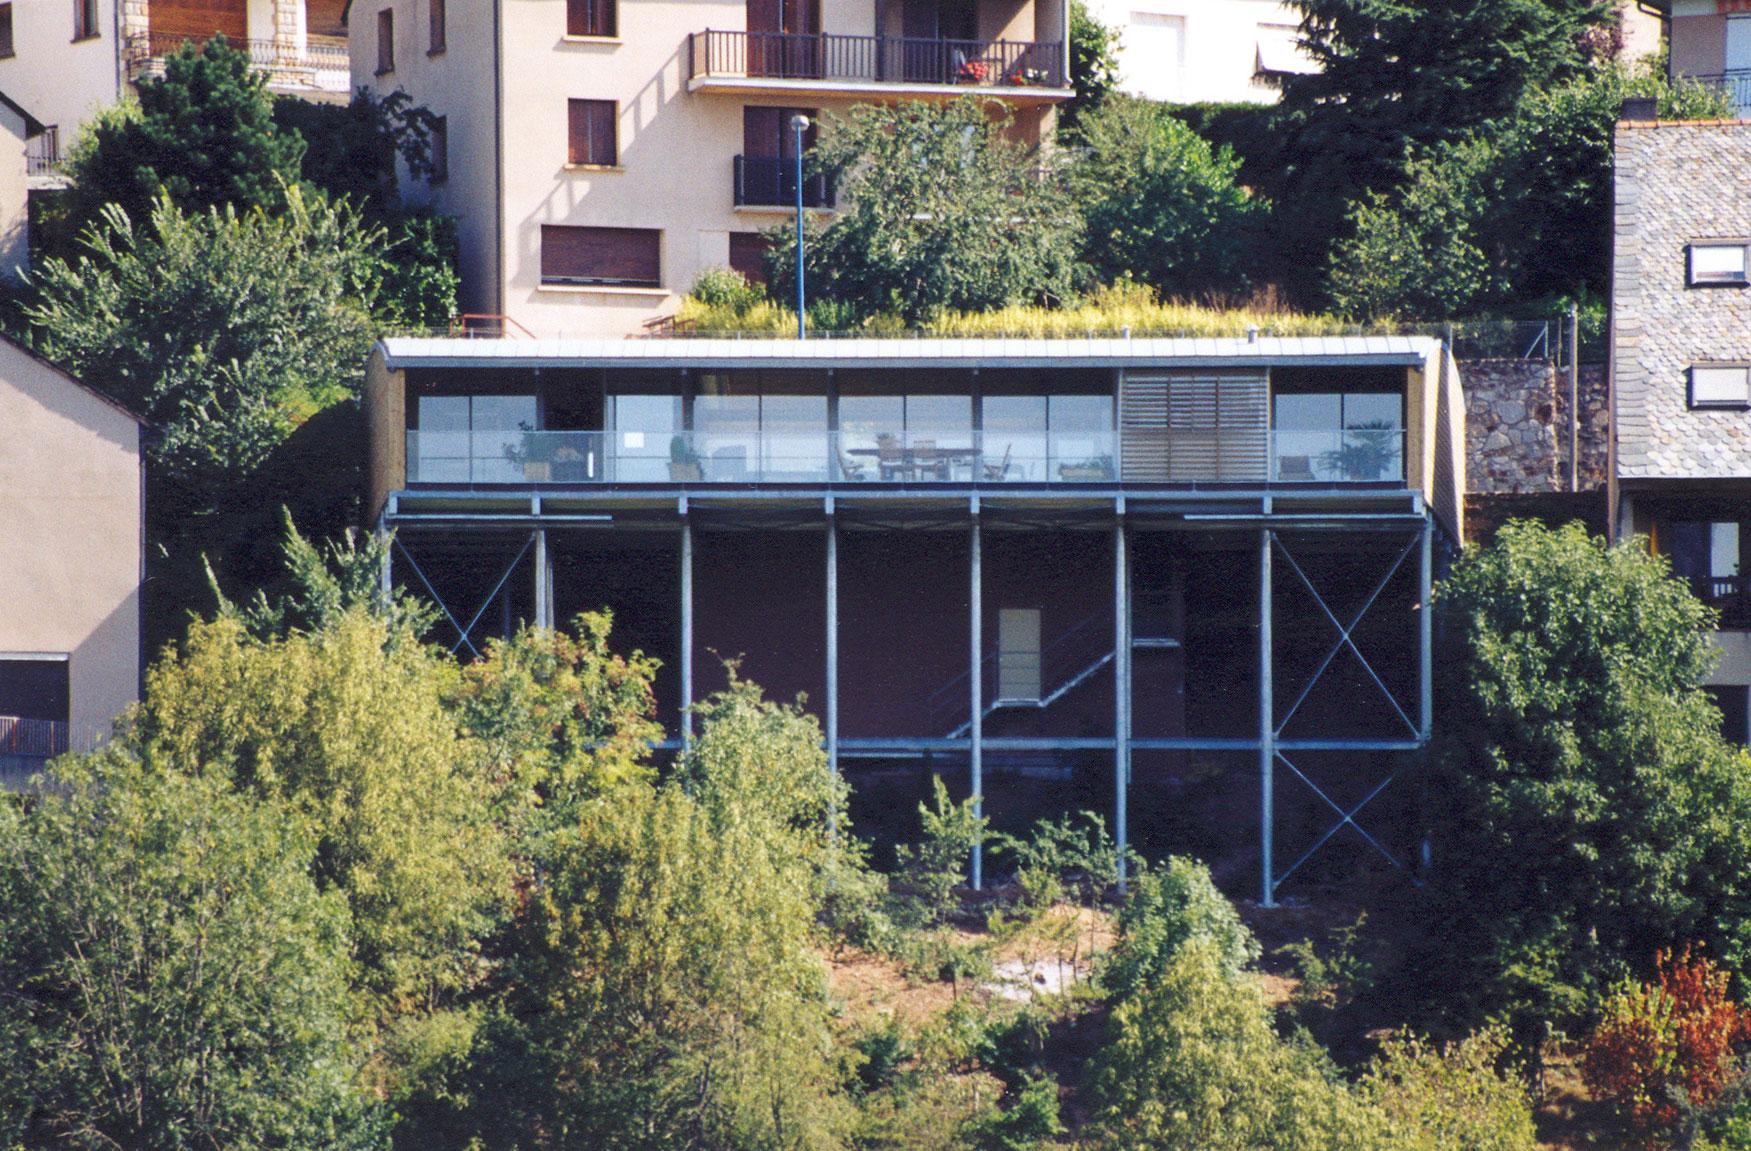 Une maison construite dans la pente sur pilotis for Architecture suspendue